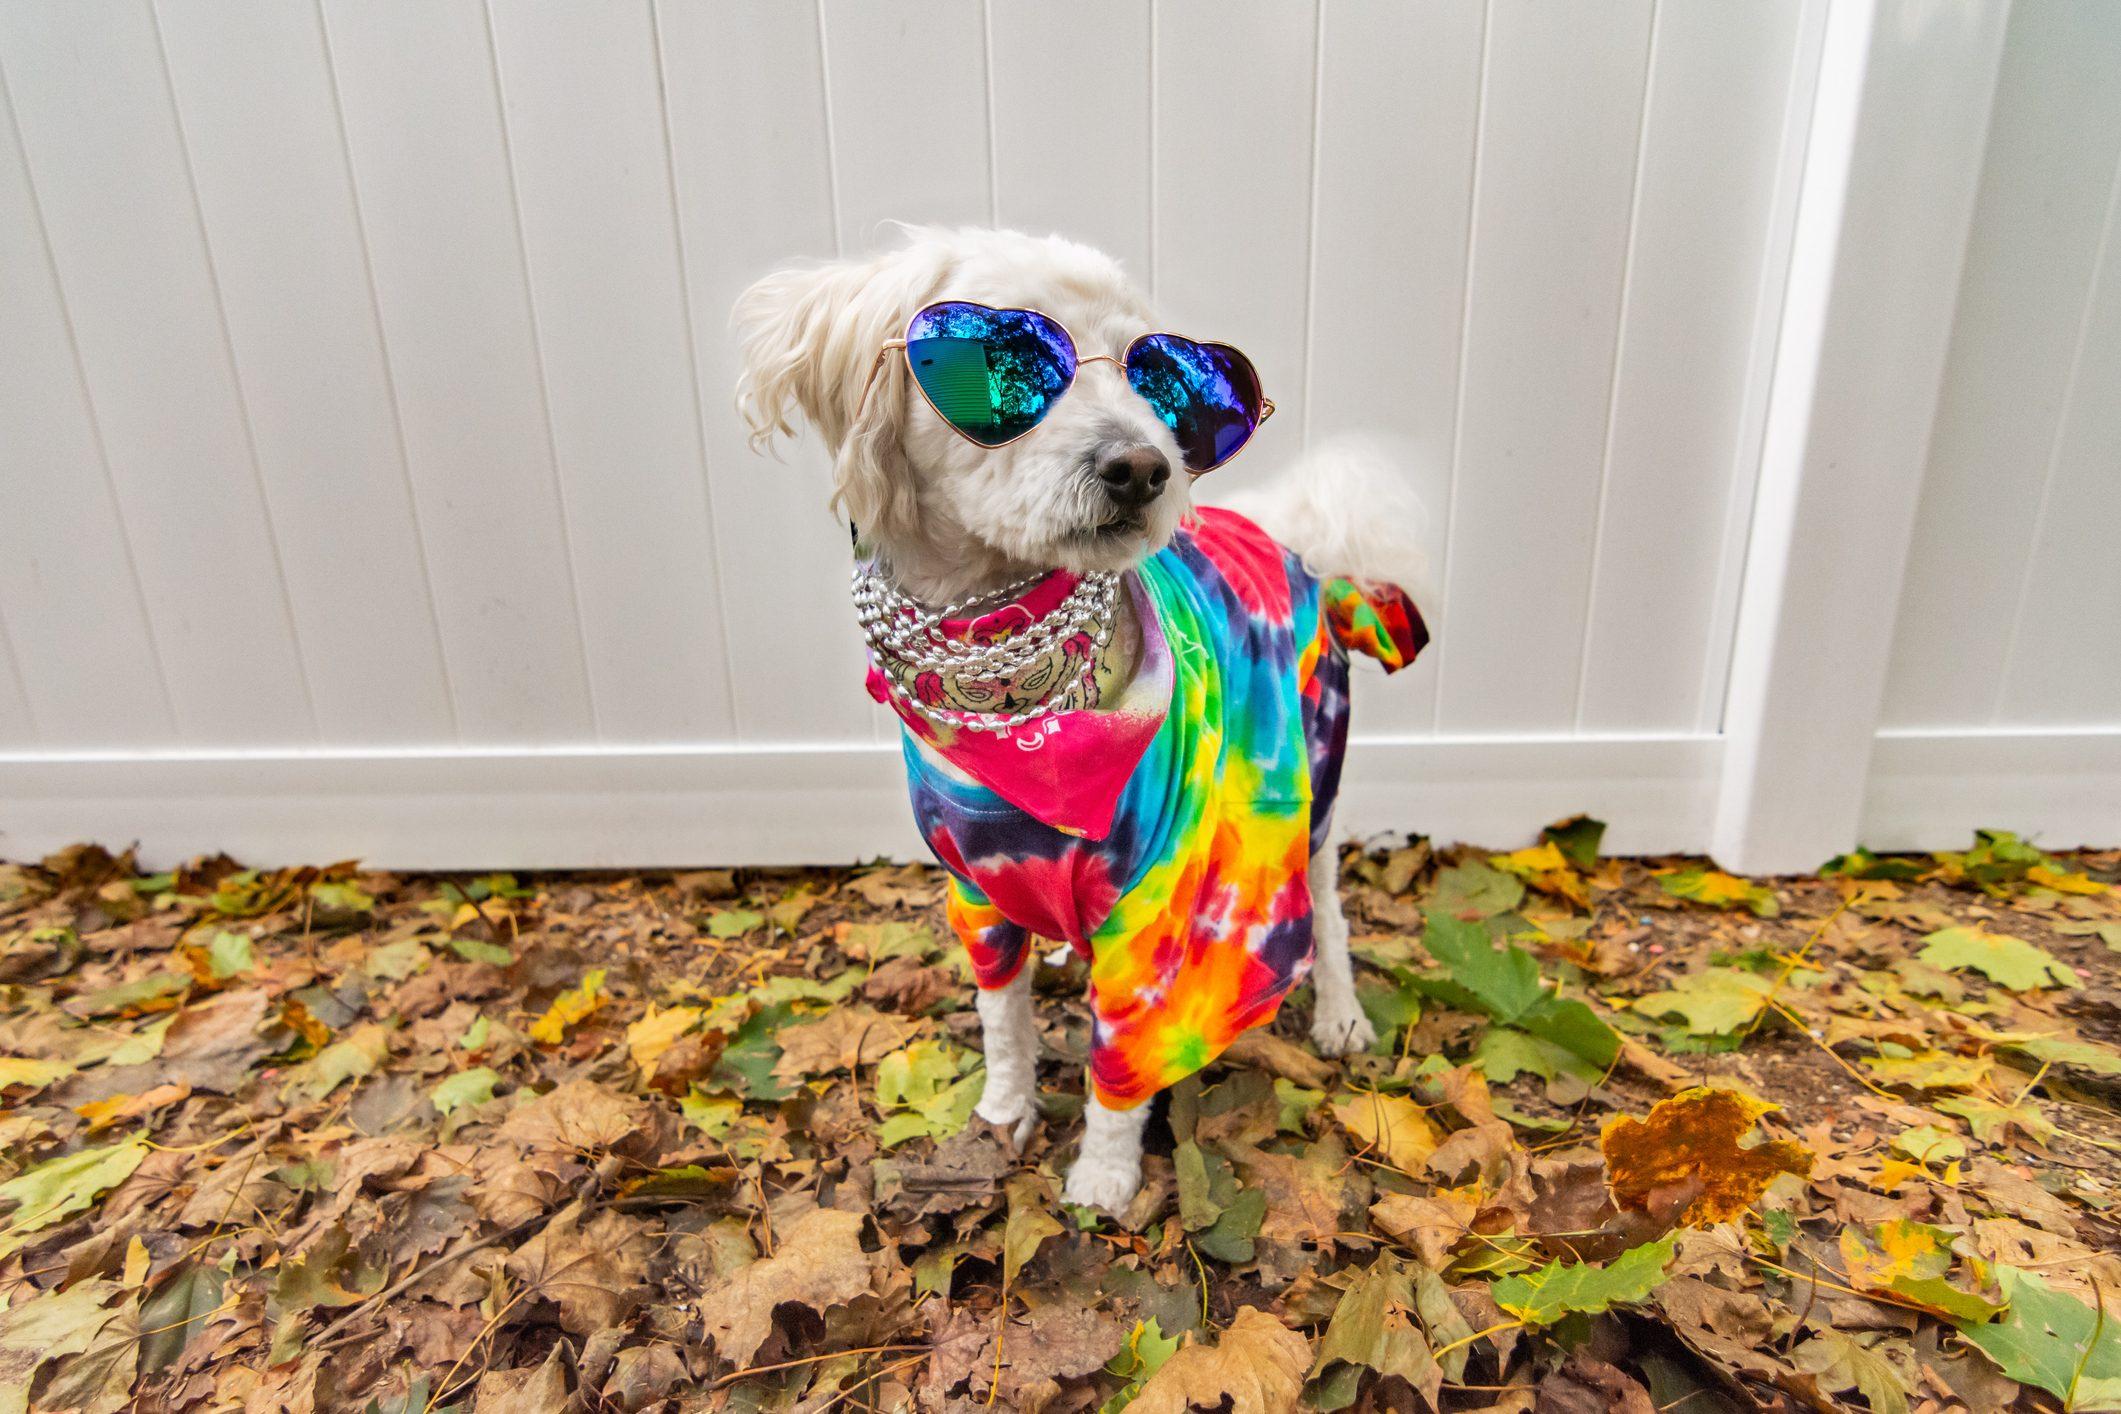 Dog dressed up like a hippie